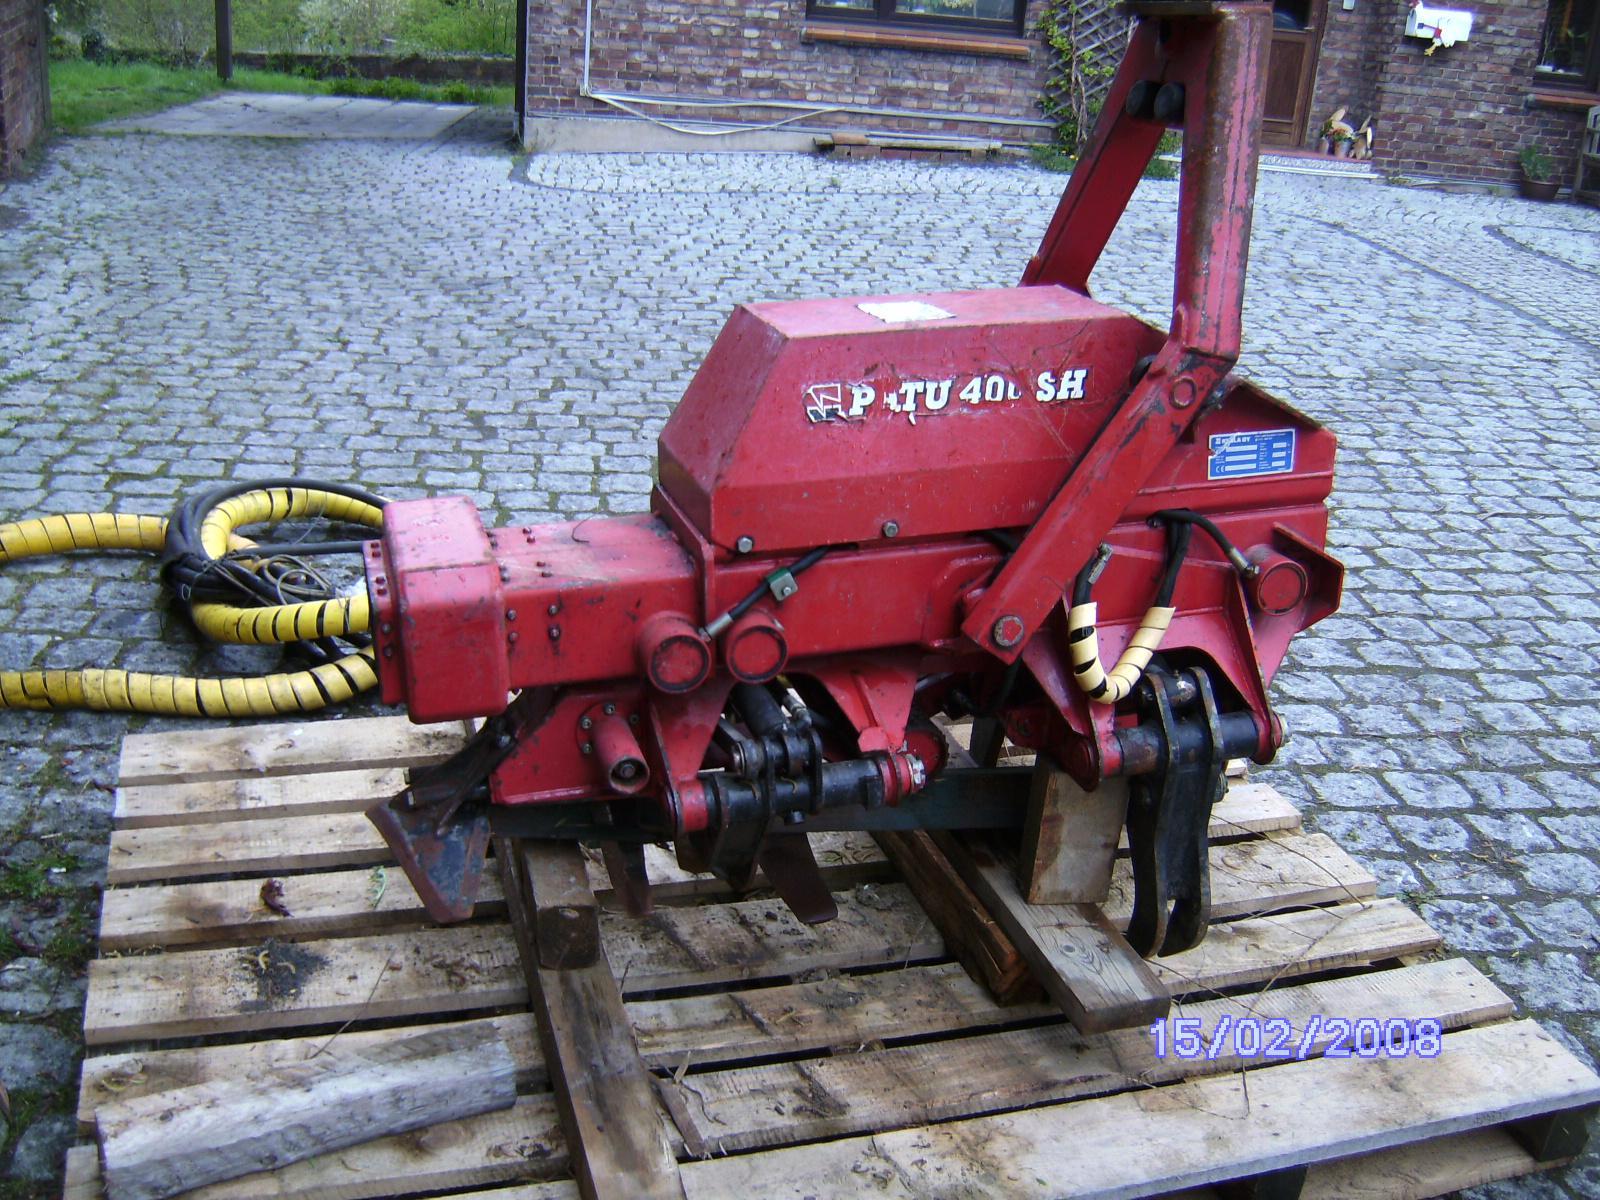 伐木机器配件, harvester